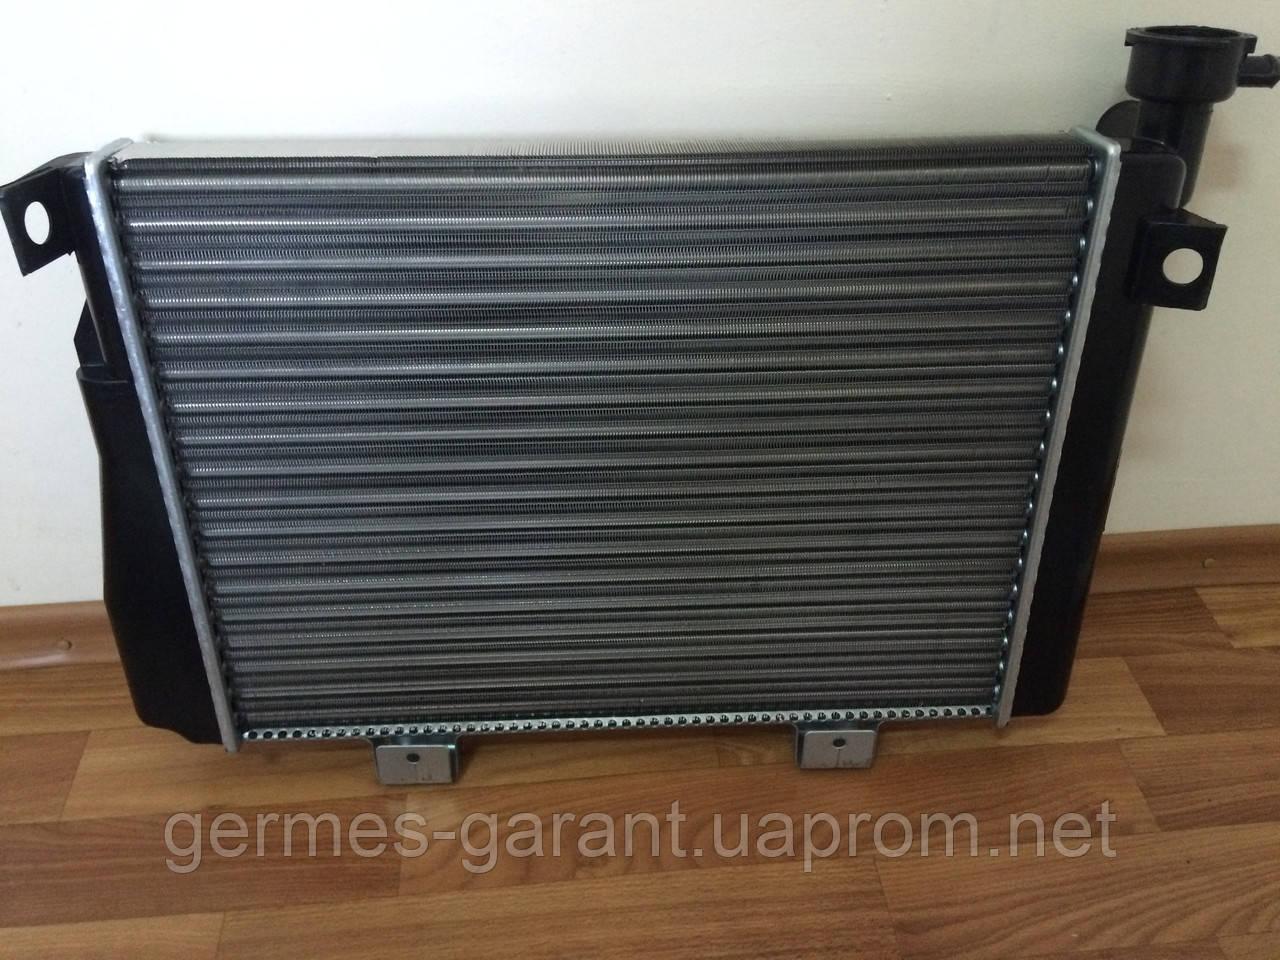 Радіатор водяного охолодження ВАЗ 2107 карбюратор 2107-1301010